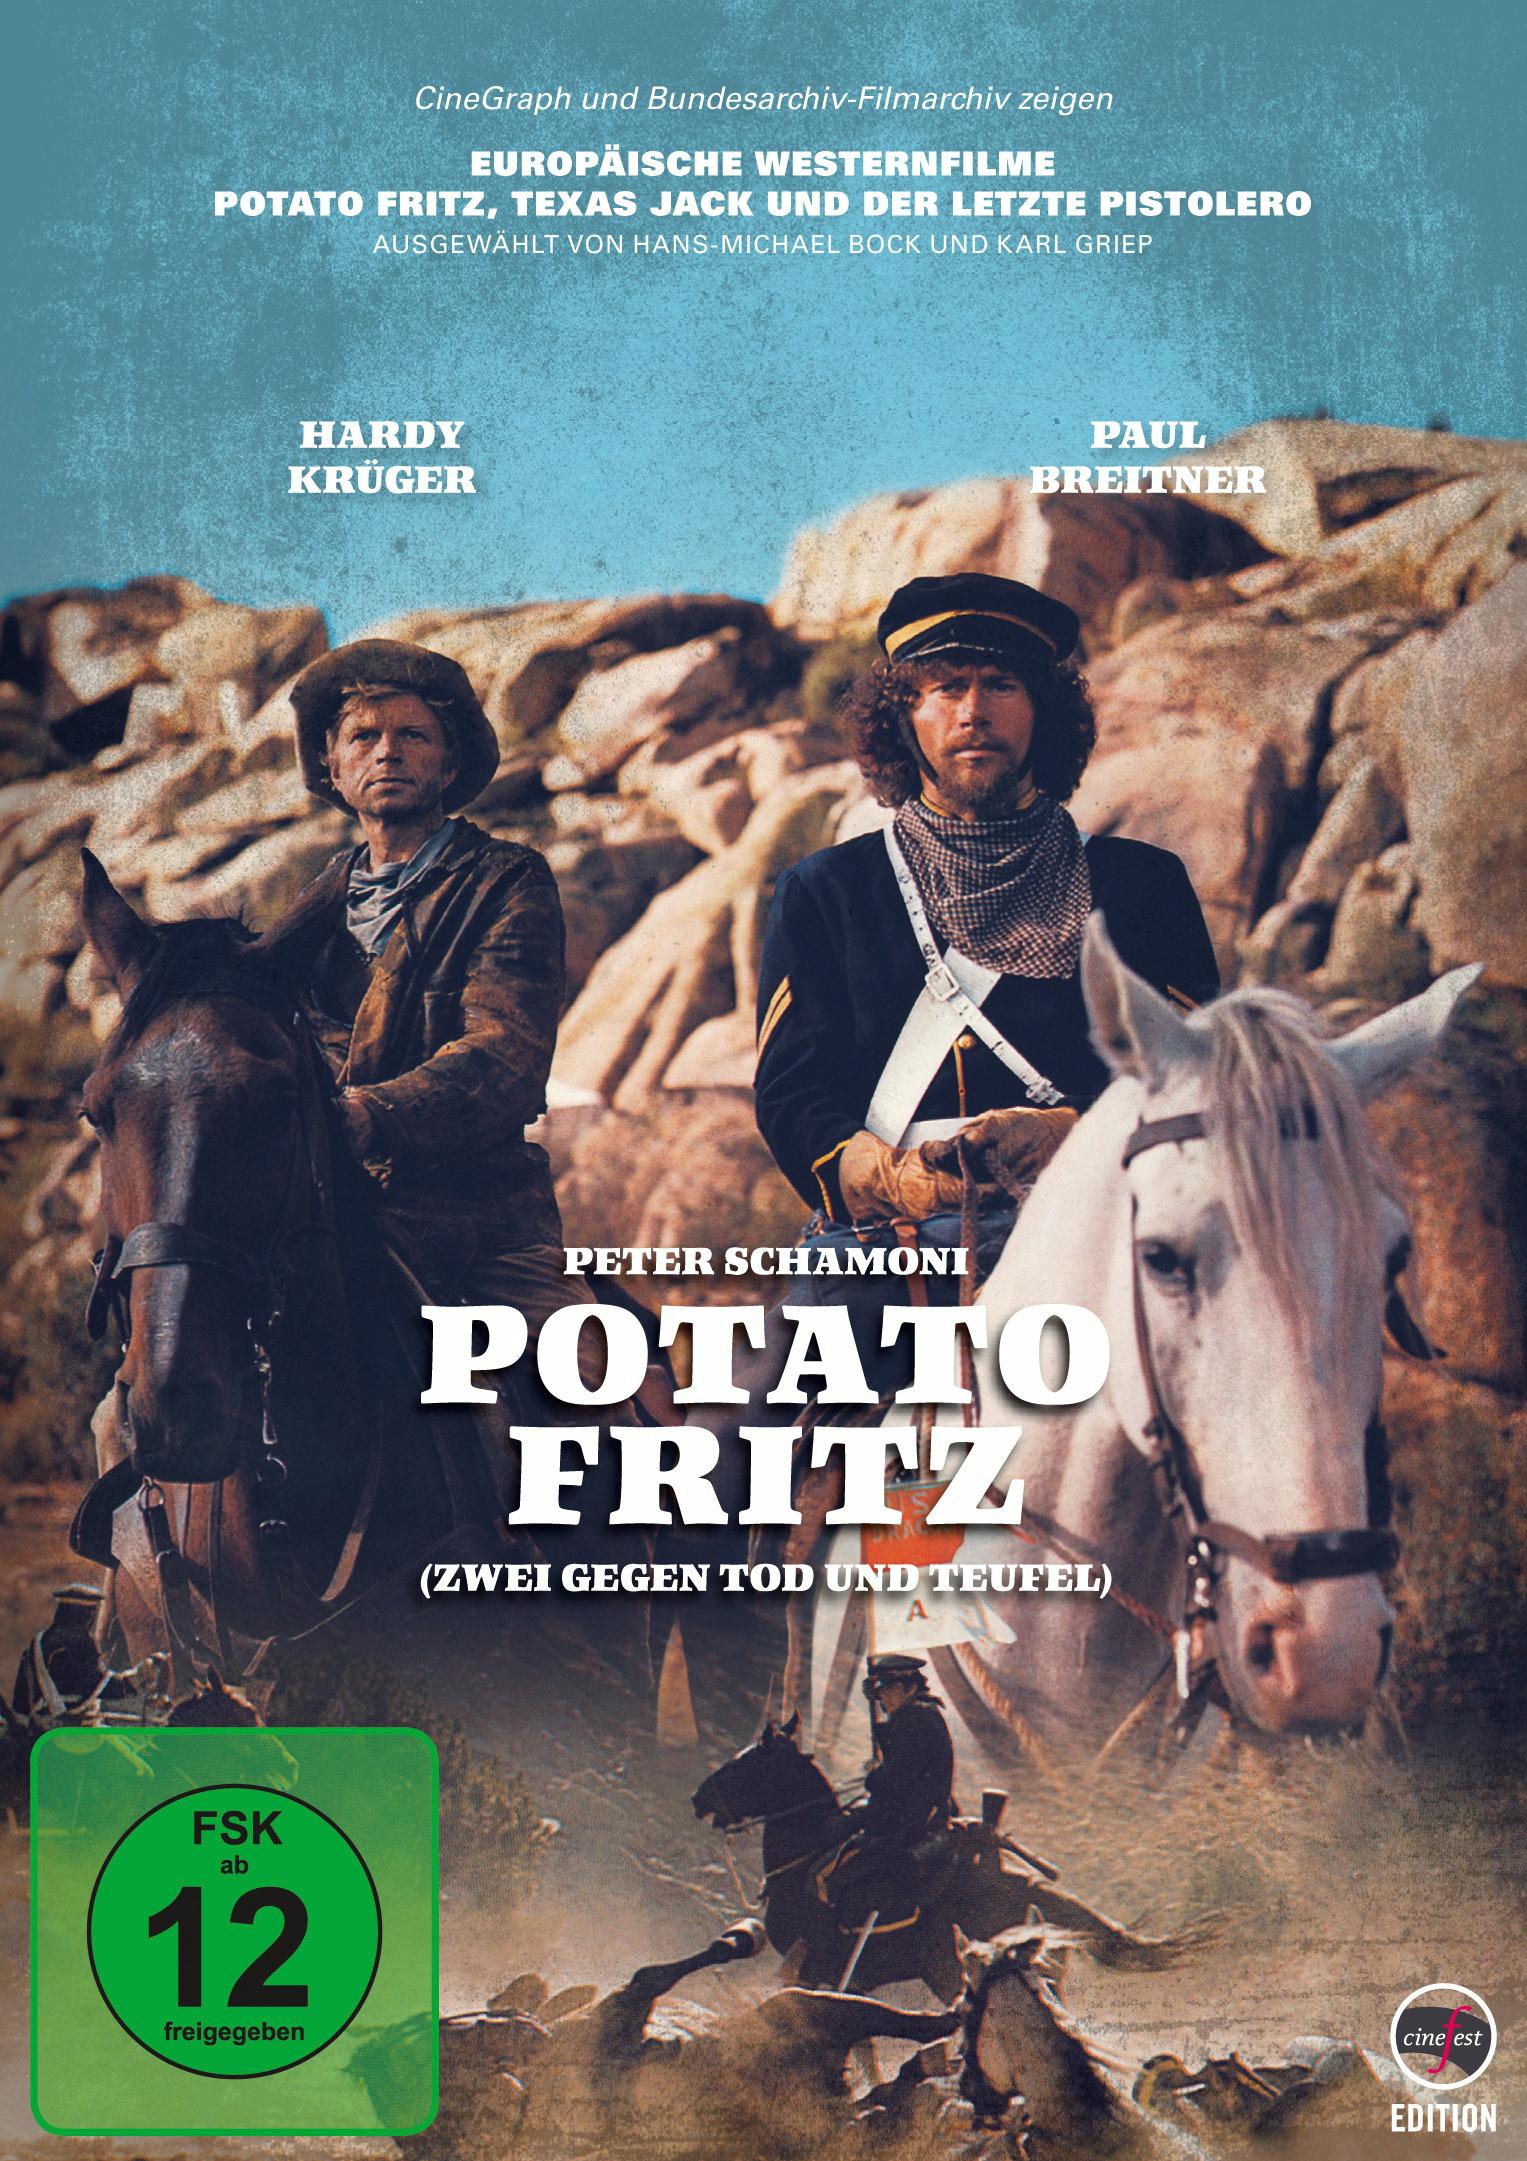 Europäische Westernfilme - Potato Fritz, Texas Jack und der letzte Pistolero Poster